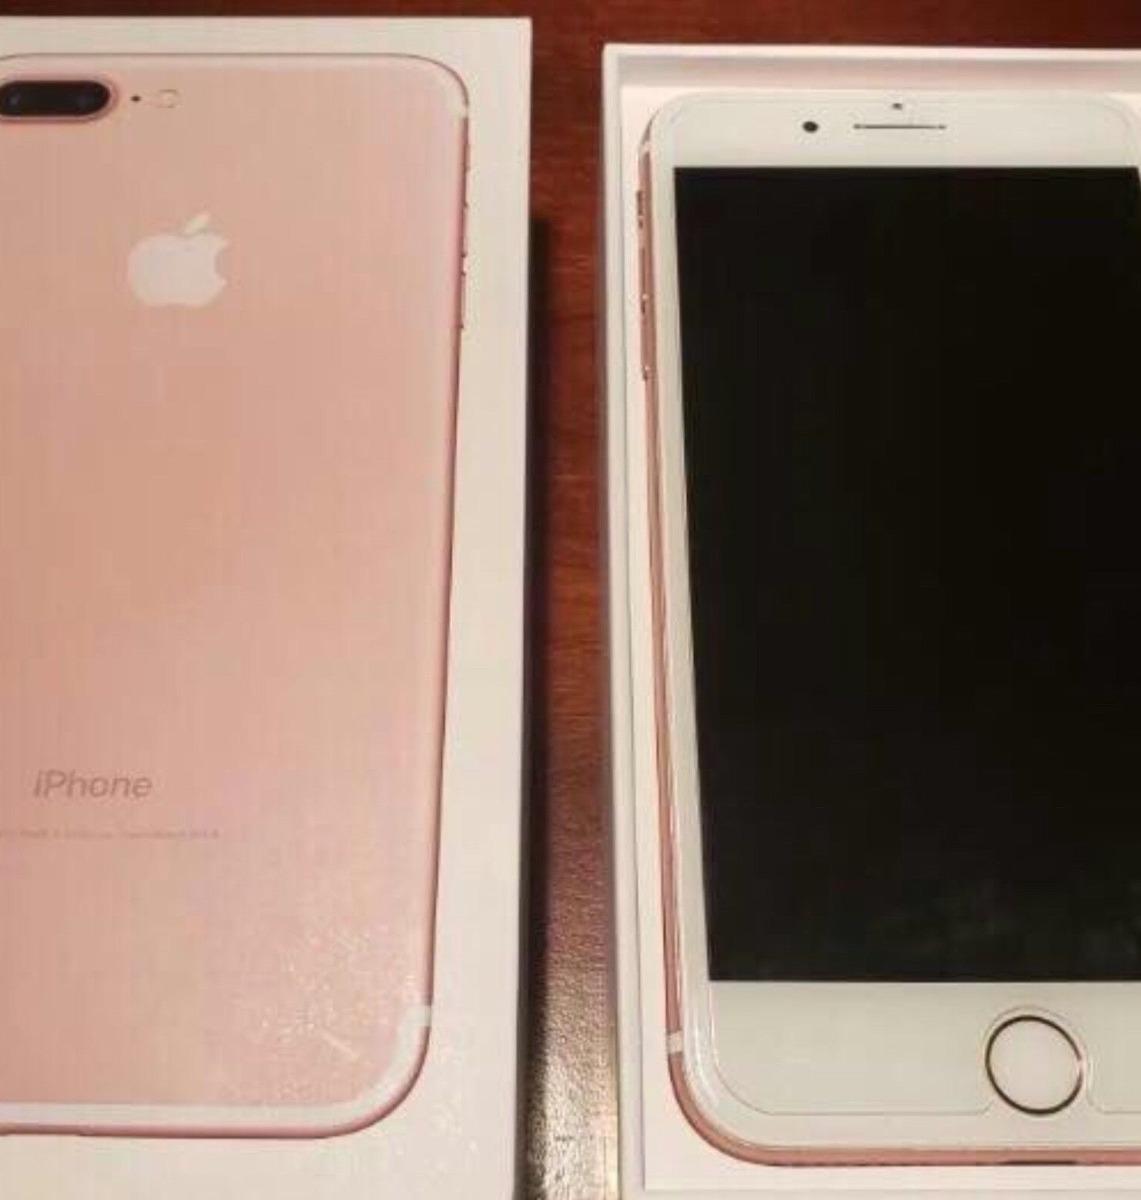 7ec0b7032d2 apple iphone 7 plus - 256gb - oro rosa (desbloqueado) a1661. Cargando zoom.